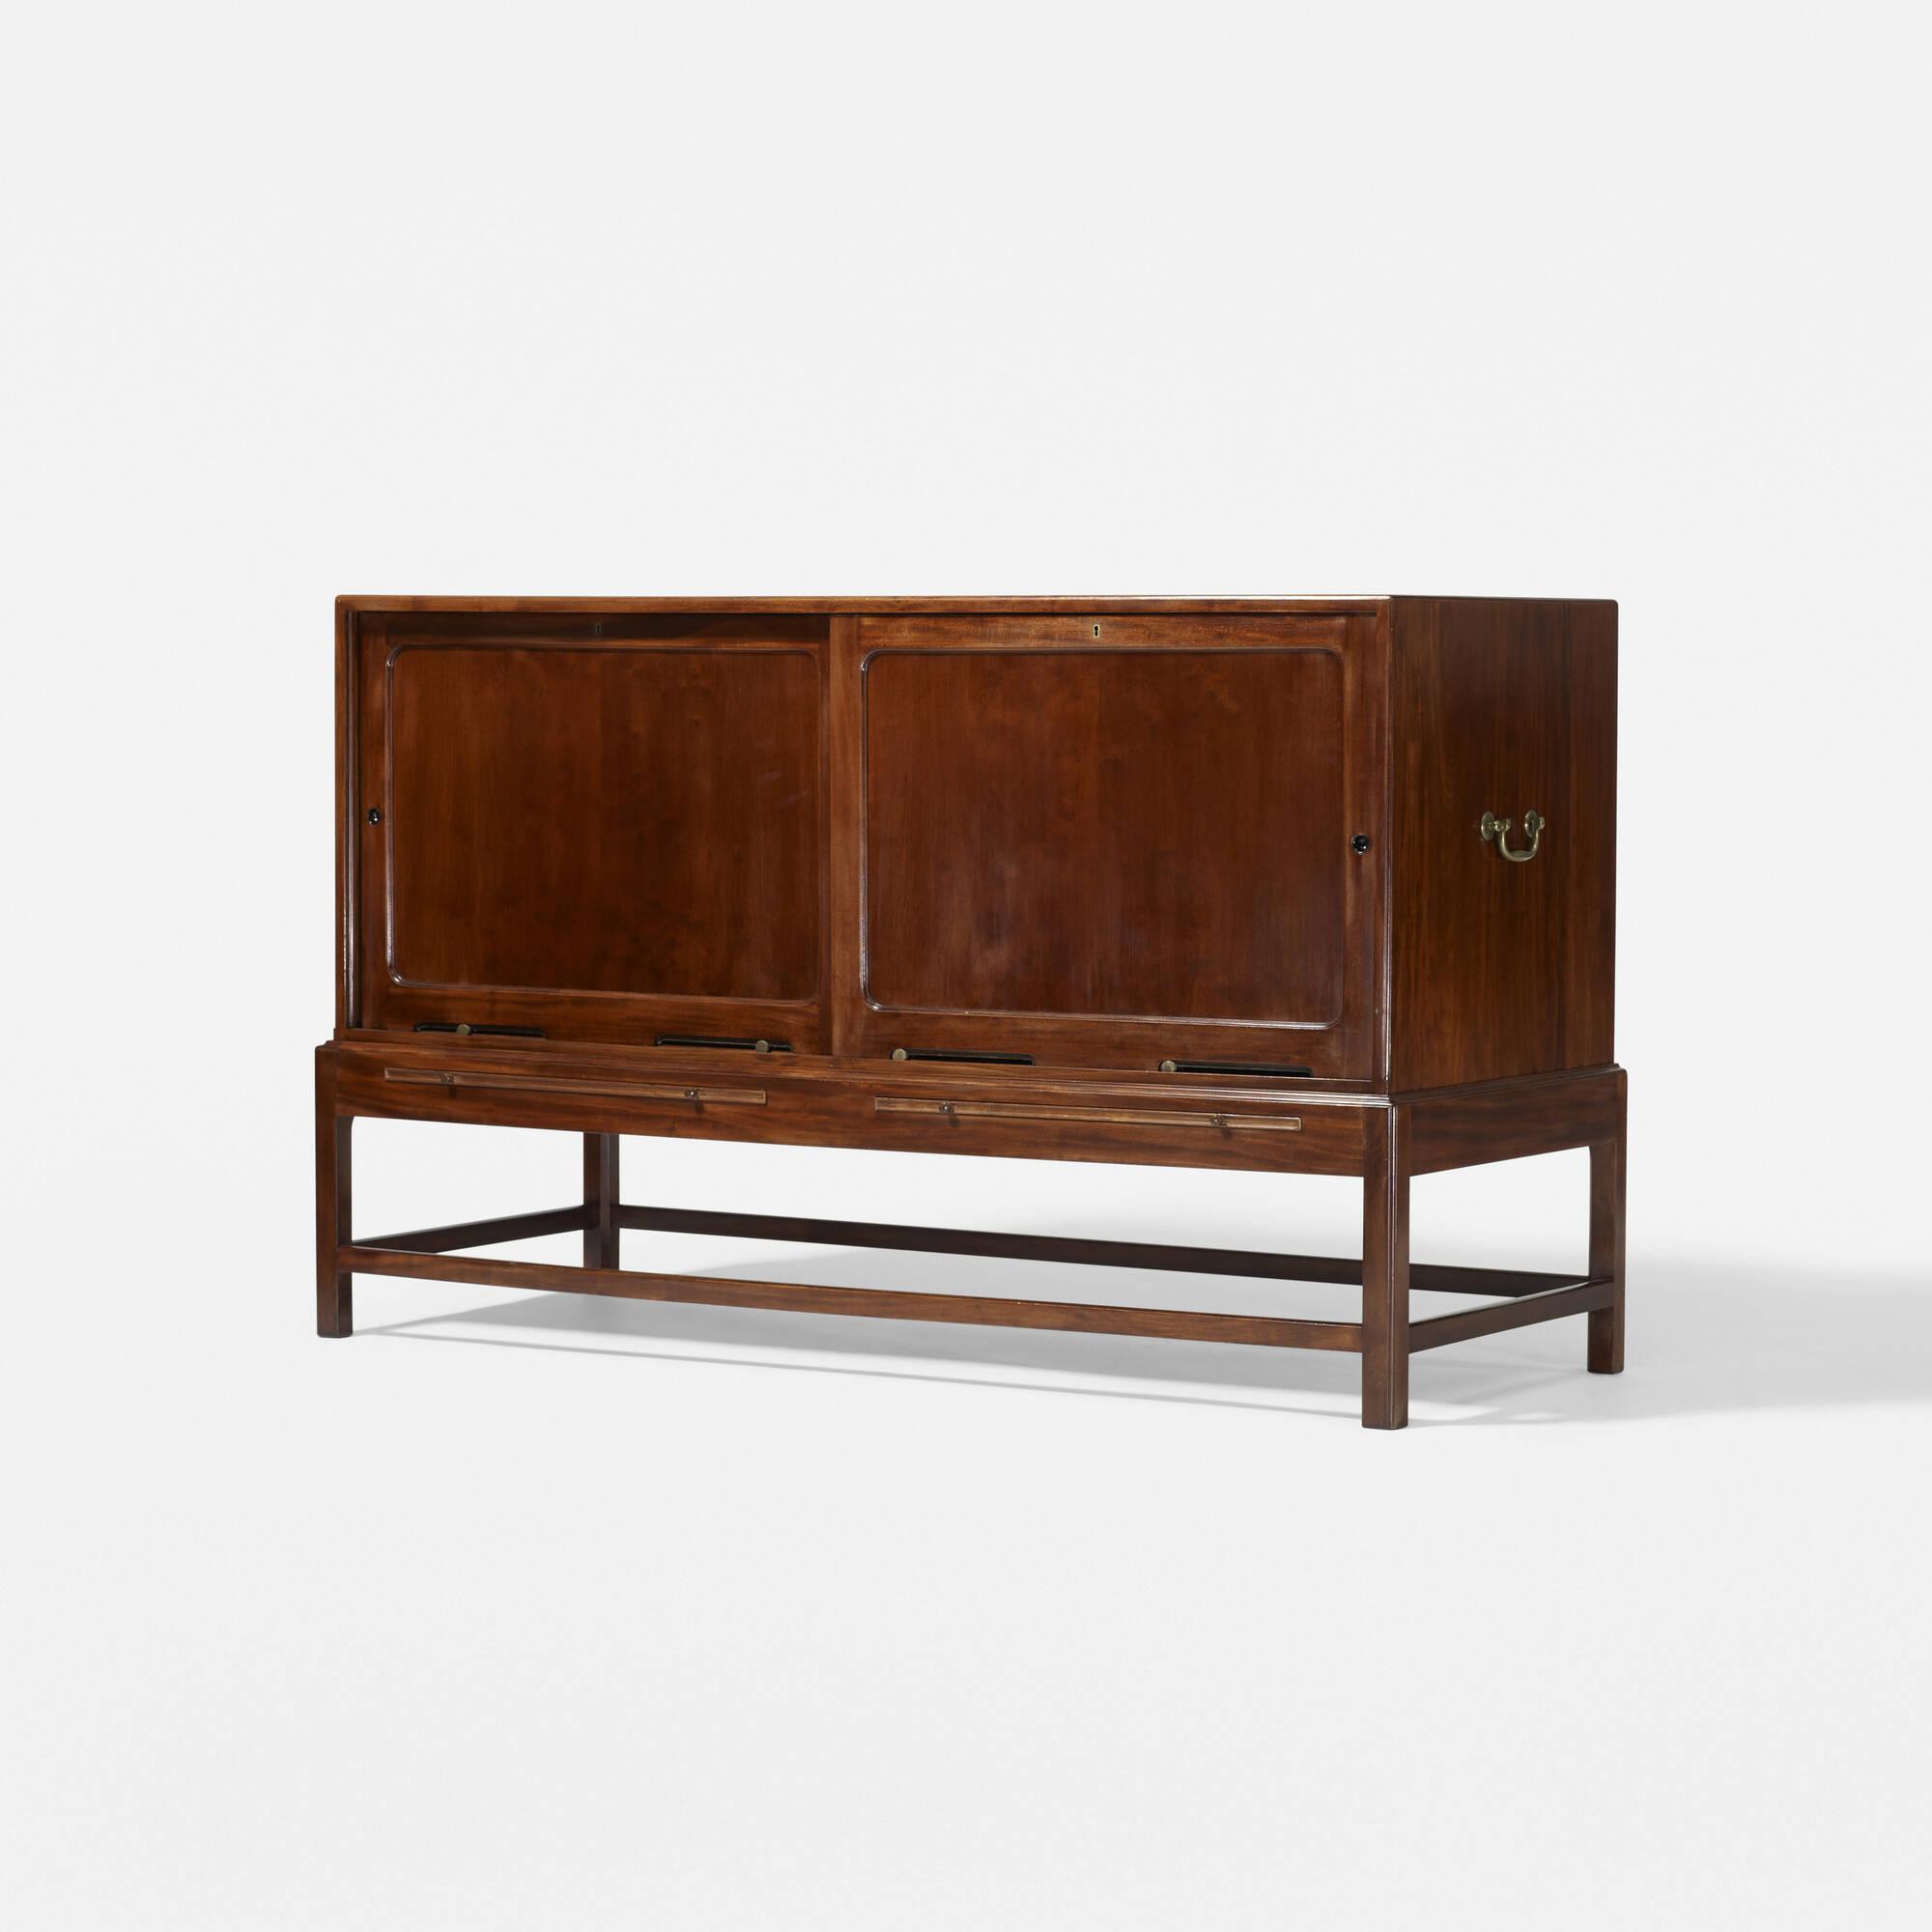 248: Kaare Klint / cabinet, model 4122 (2 of 3)